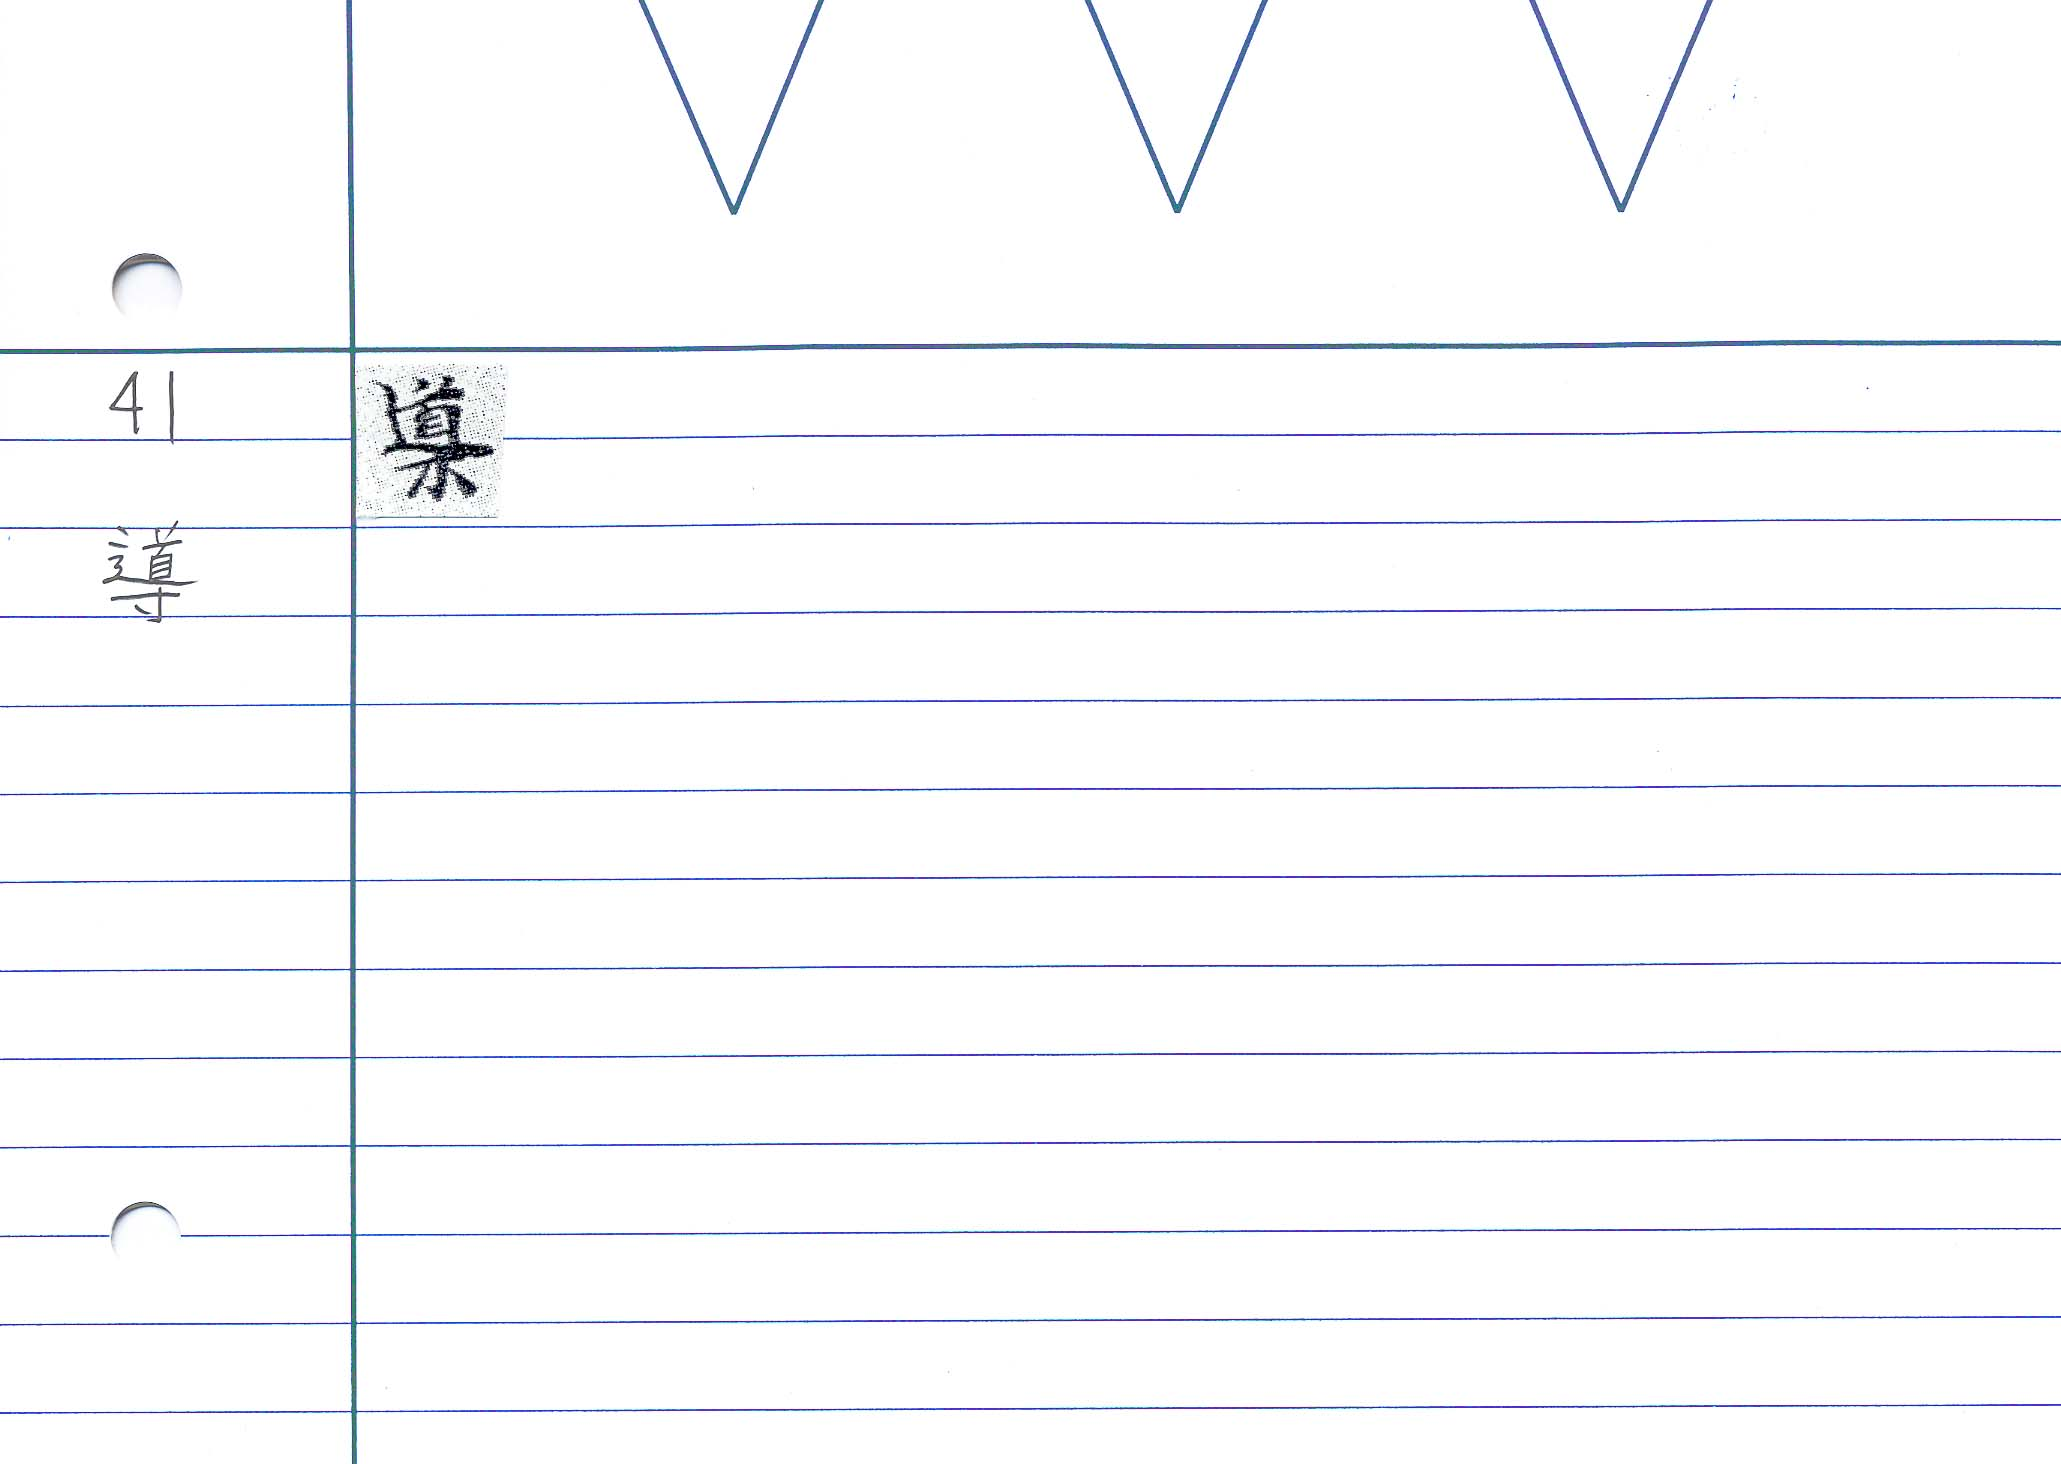 01_誠實論卷八(P.2179)/cards/0051.jpg